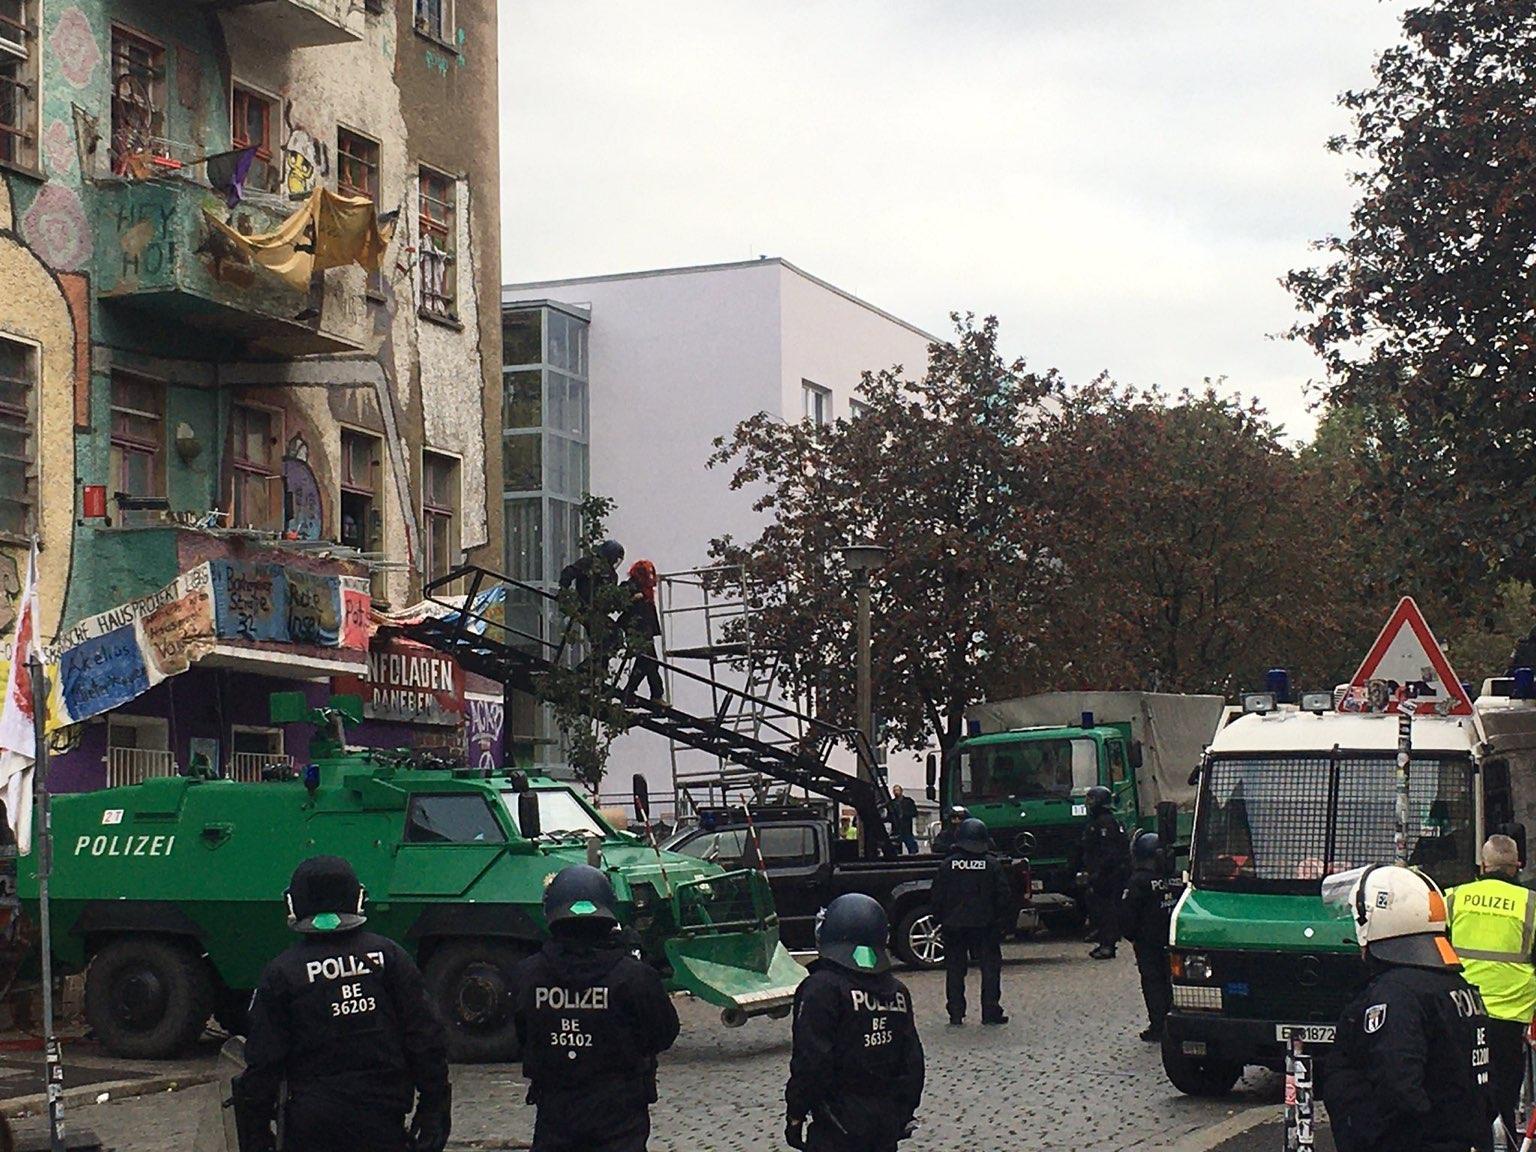 ein grünes Gefährt mit Treppe steht vor dem Haus. Cops versuchen über die Treppe zum Haus zu gelangen.